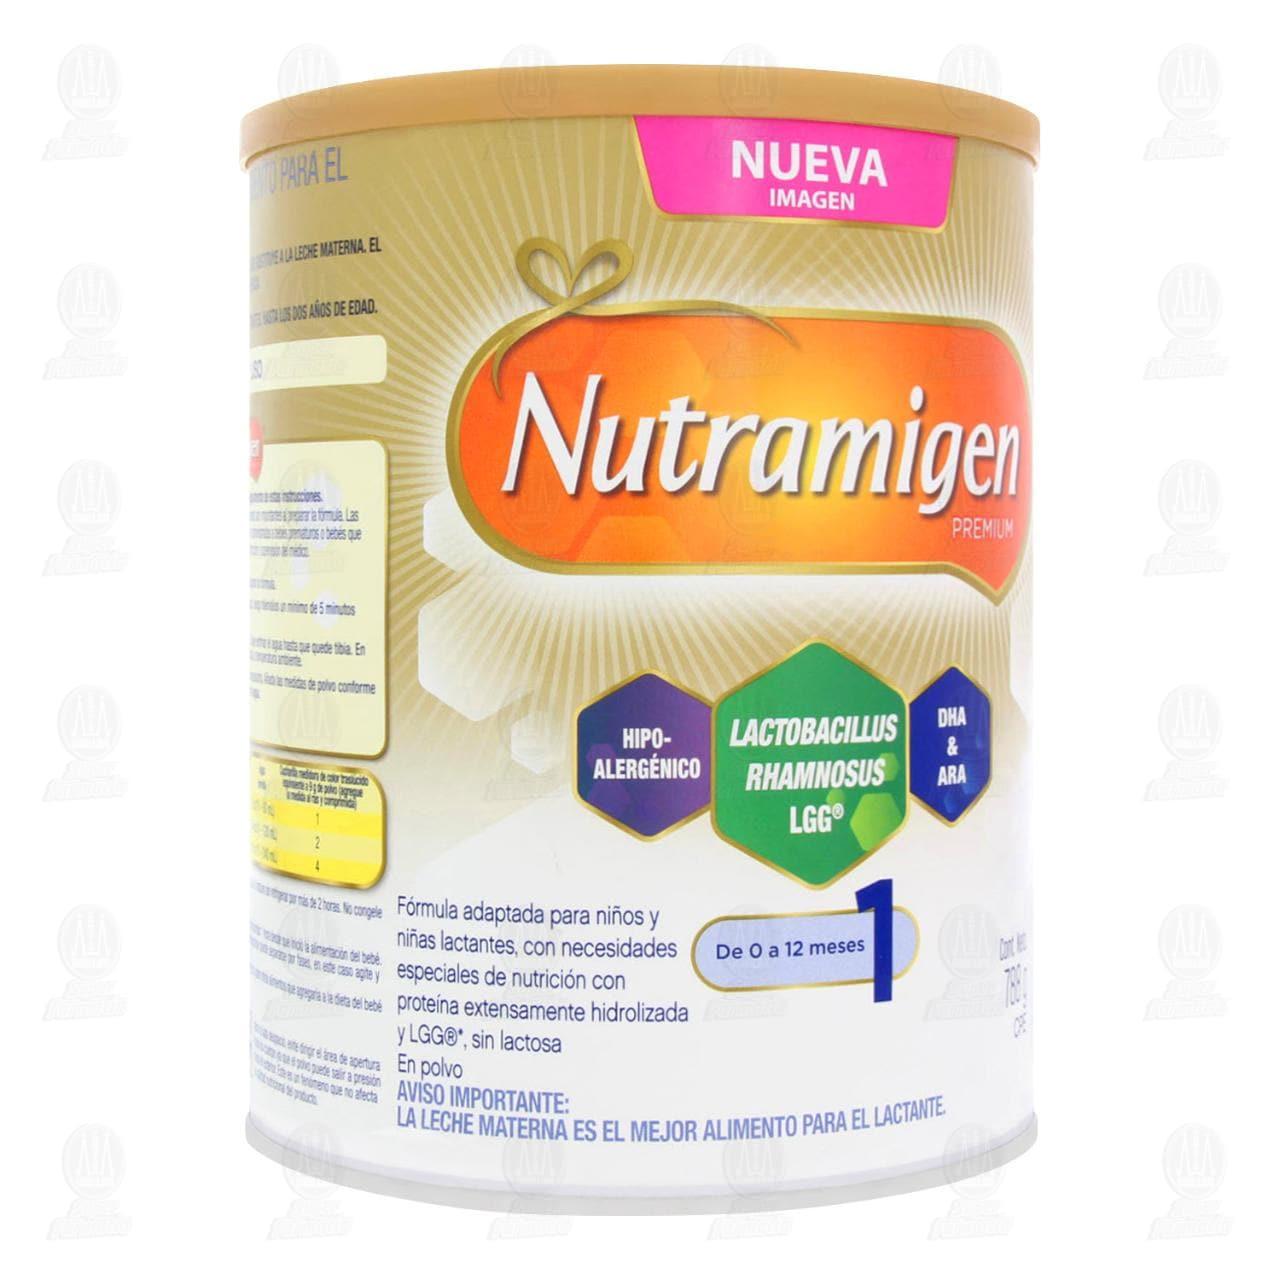 comprar https://www.movil.farmaciasguadalajara.com/wcsstore/FGCAS/wcs/products/1328328_A_1280_AL.jpg en farmacias guadalajara